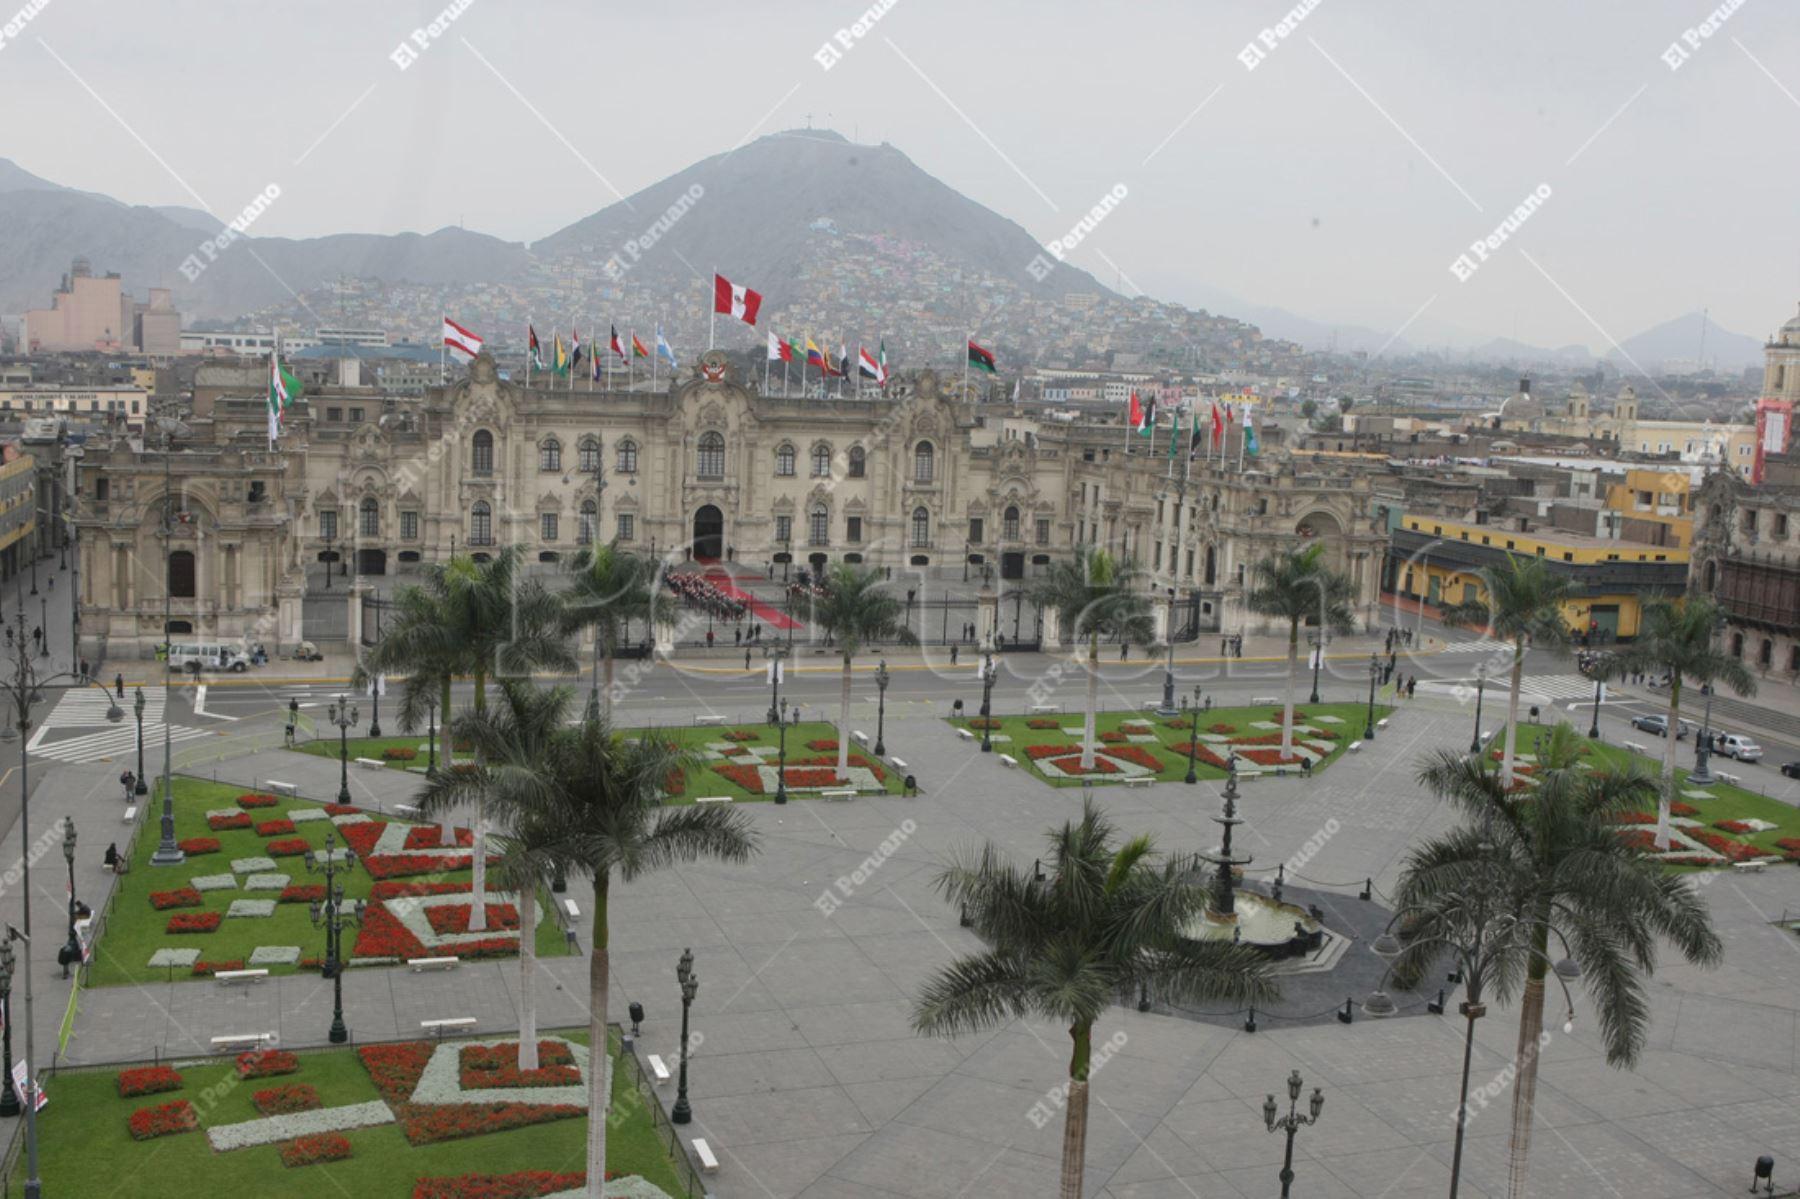 Lima - 01 octubre 2012 / vista panoramica de la Plaza de Armas de Lima, y las banderas de países participantes en el frontis del palacio de gobierno por la  III Cumbre de Jefes de Estado y de Gobierno de America del Sur y países Arabes ASPA. Foto: Archivo El Peruano